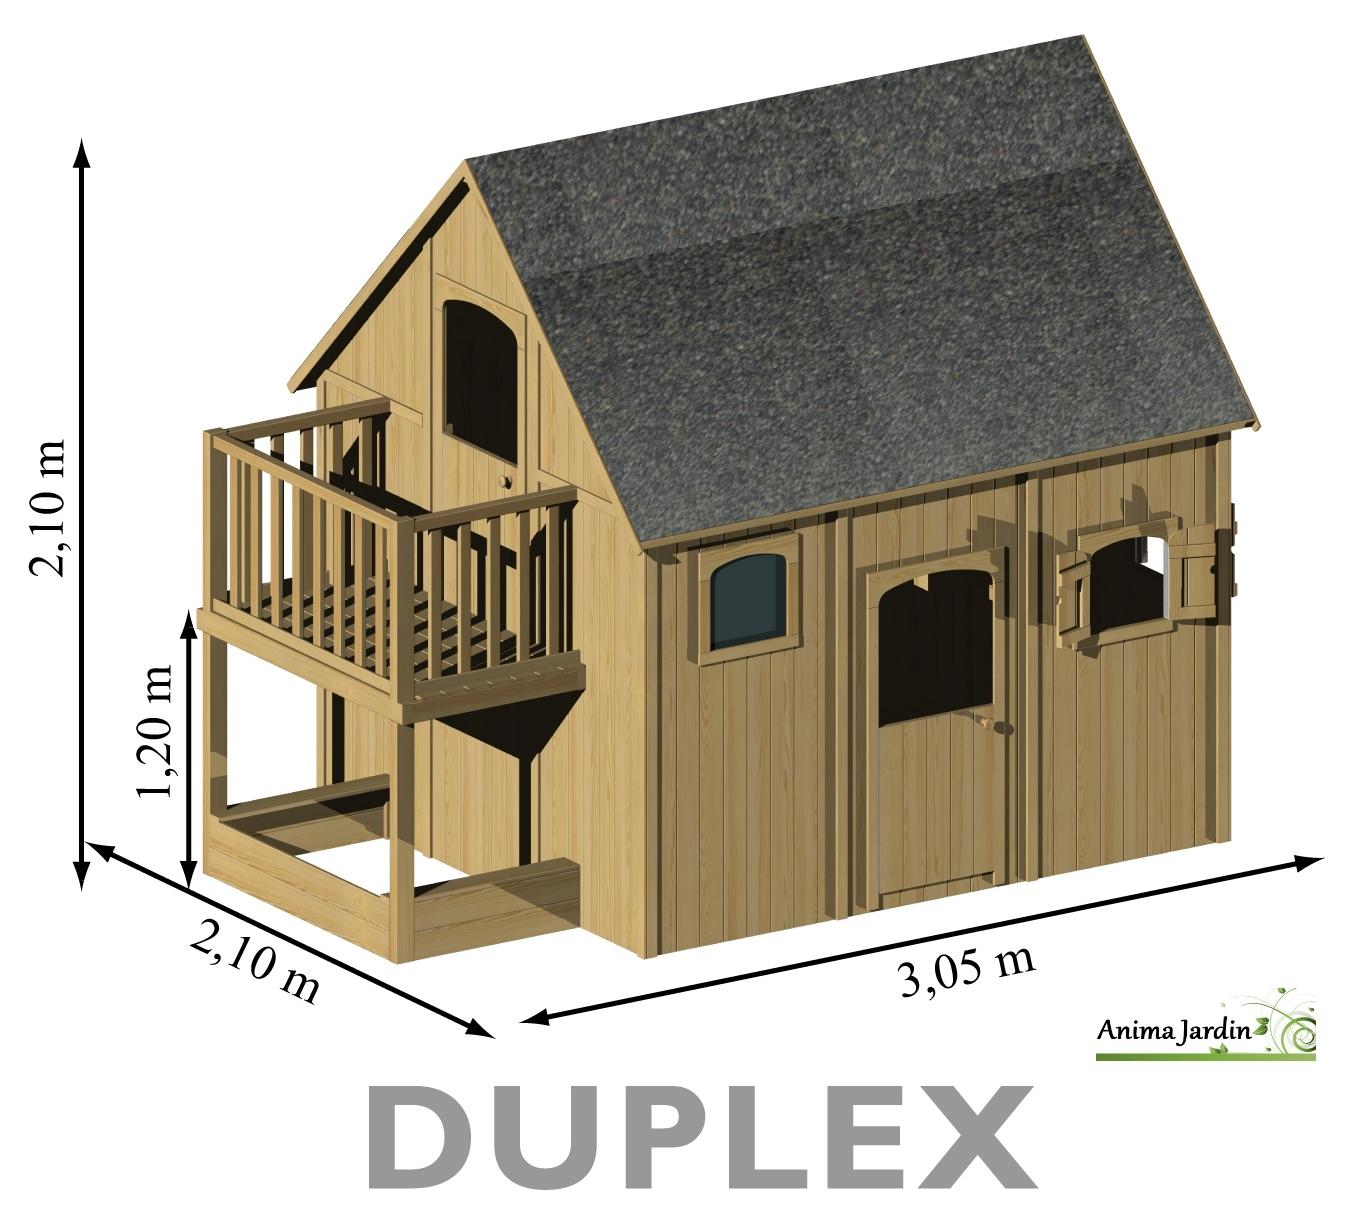 Maisonnette Enfant En Bois, Duplex, Mezzanine, Achat Pas ... encequiconcerne Cabane De Jardin Enfant Pas Cher